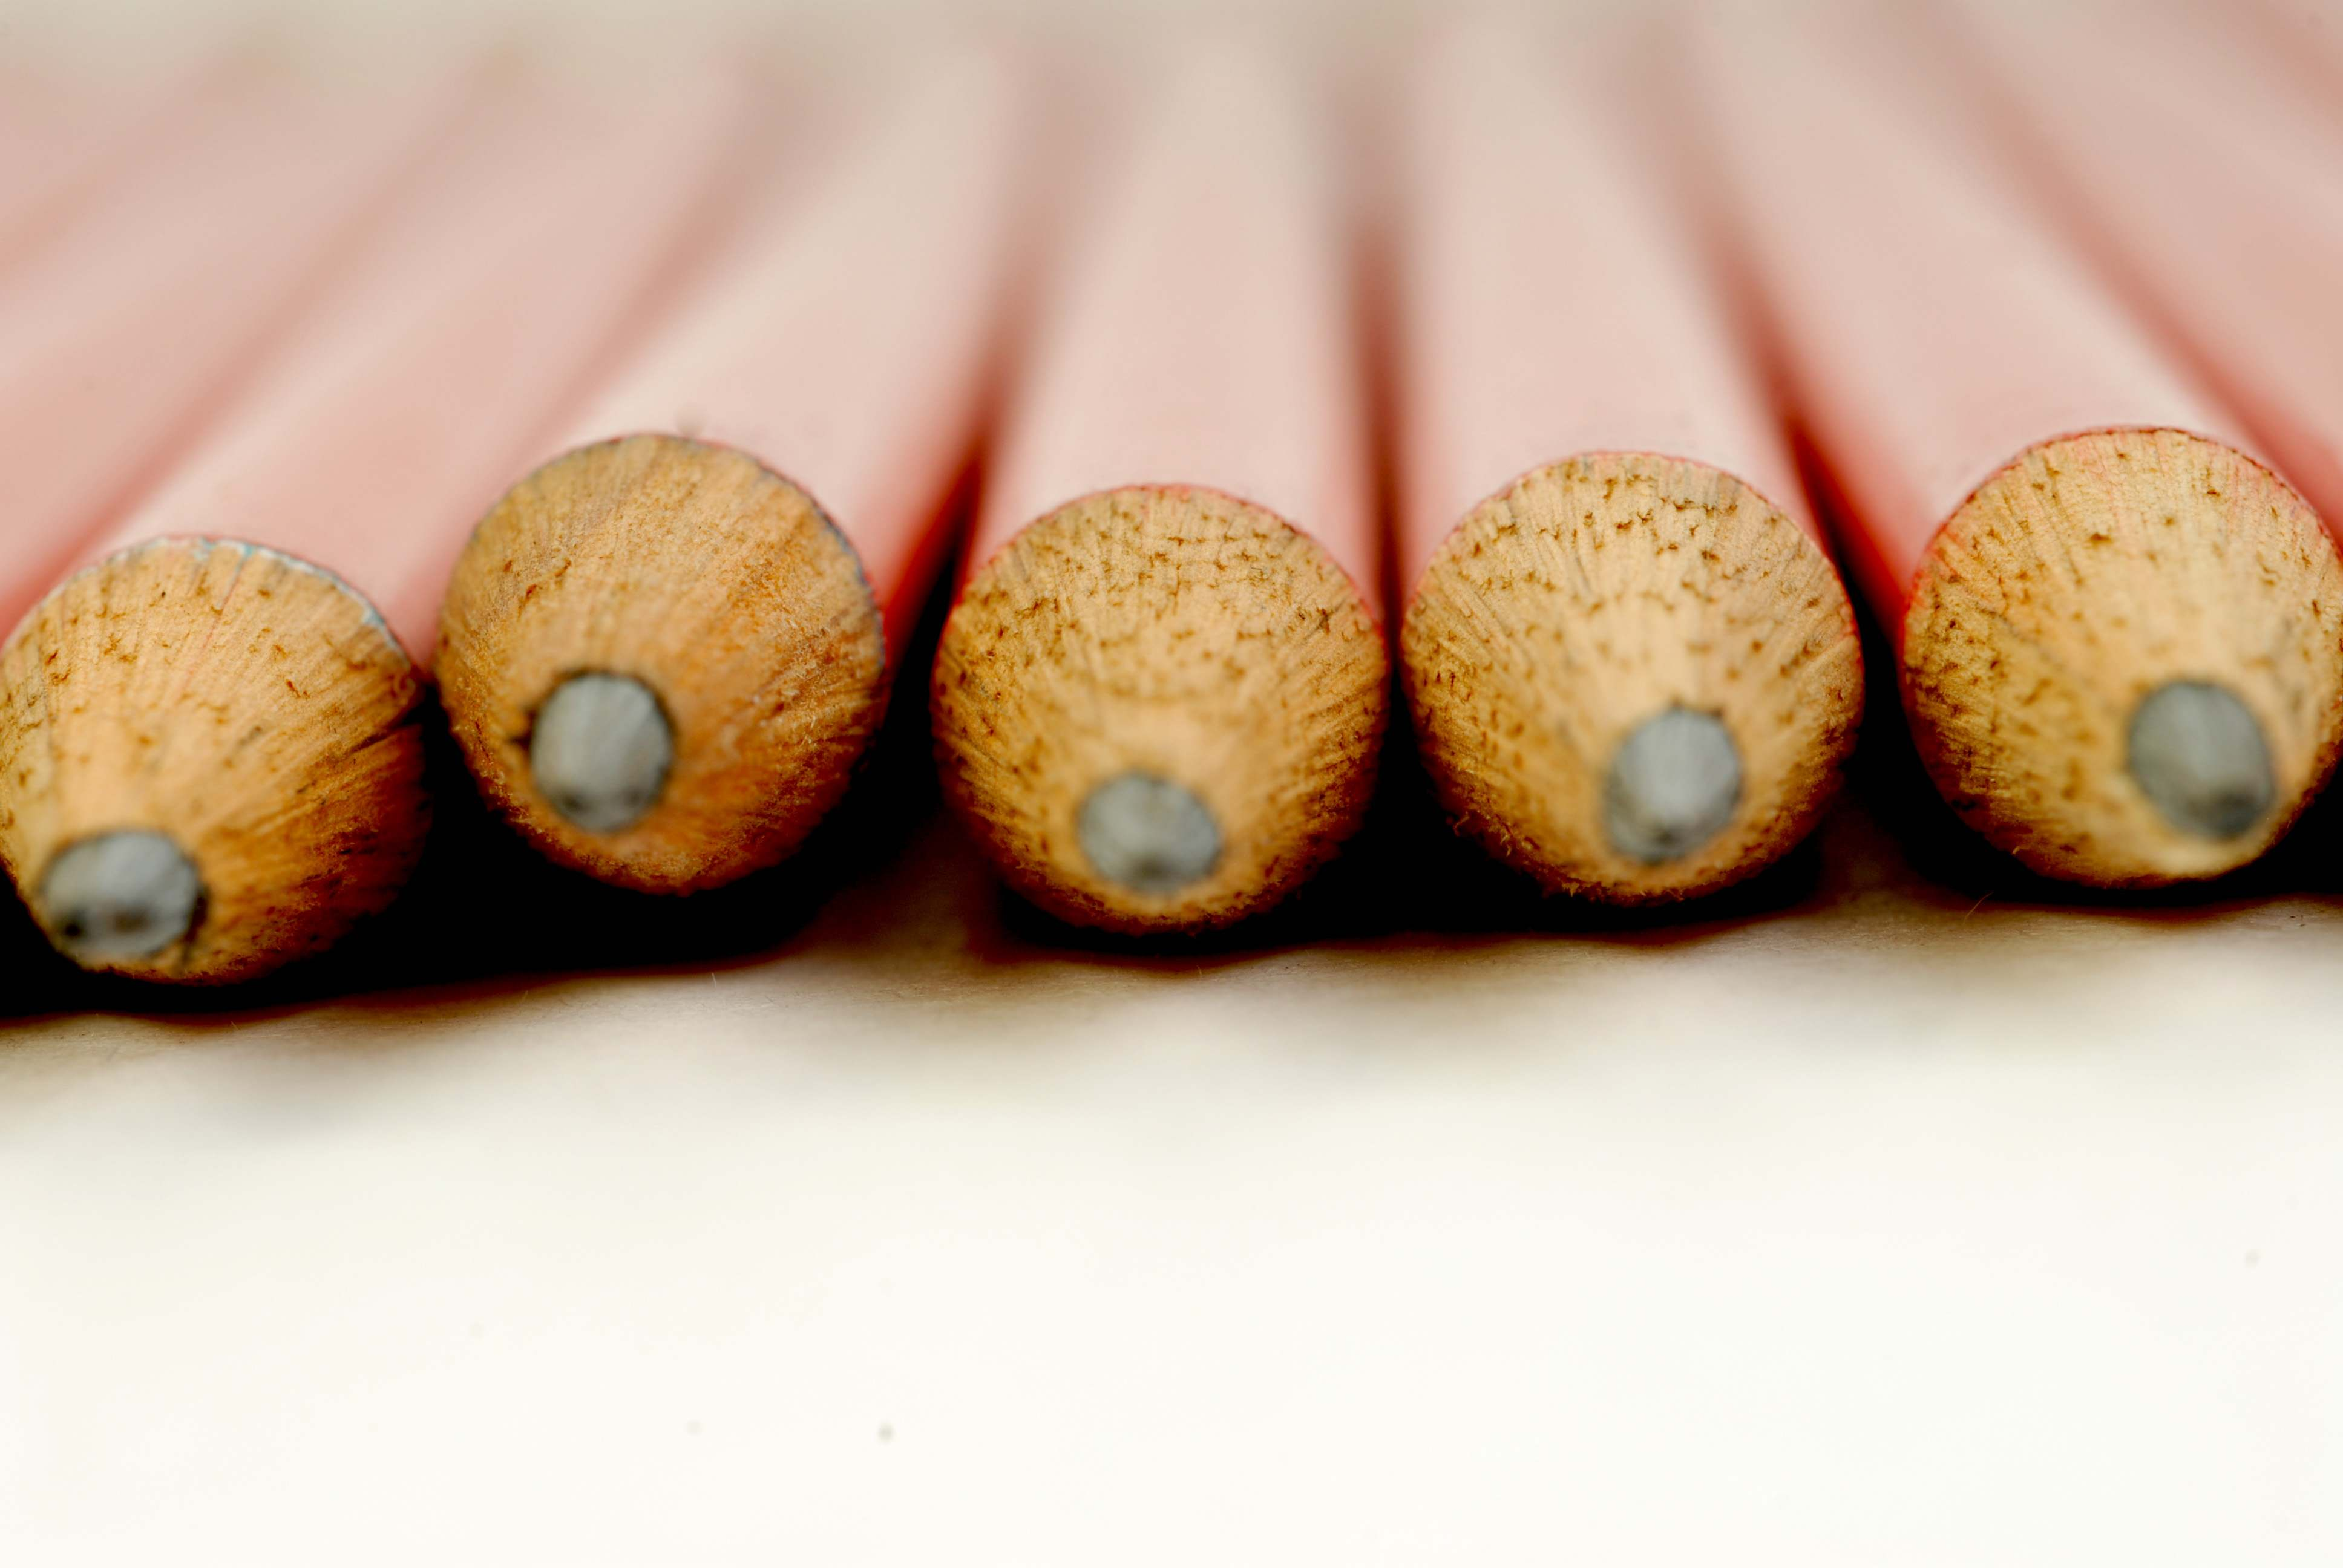 Papel y lápiz para preparar tus presentaciones